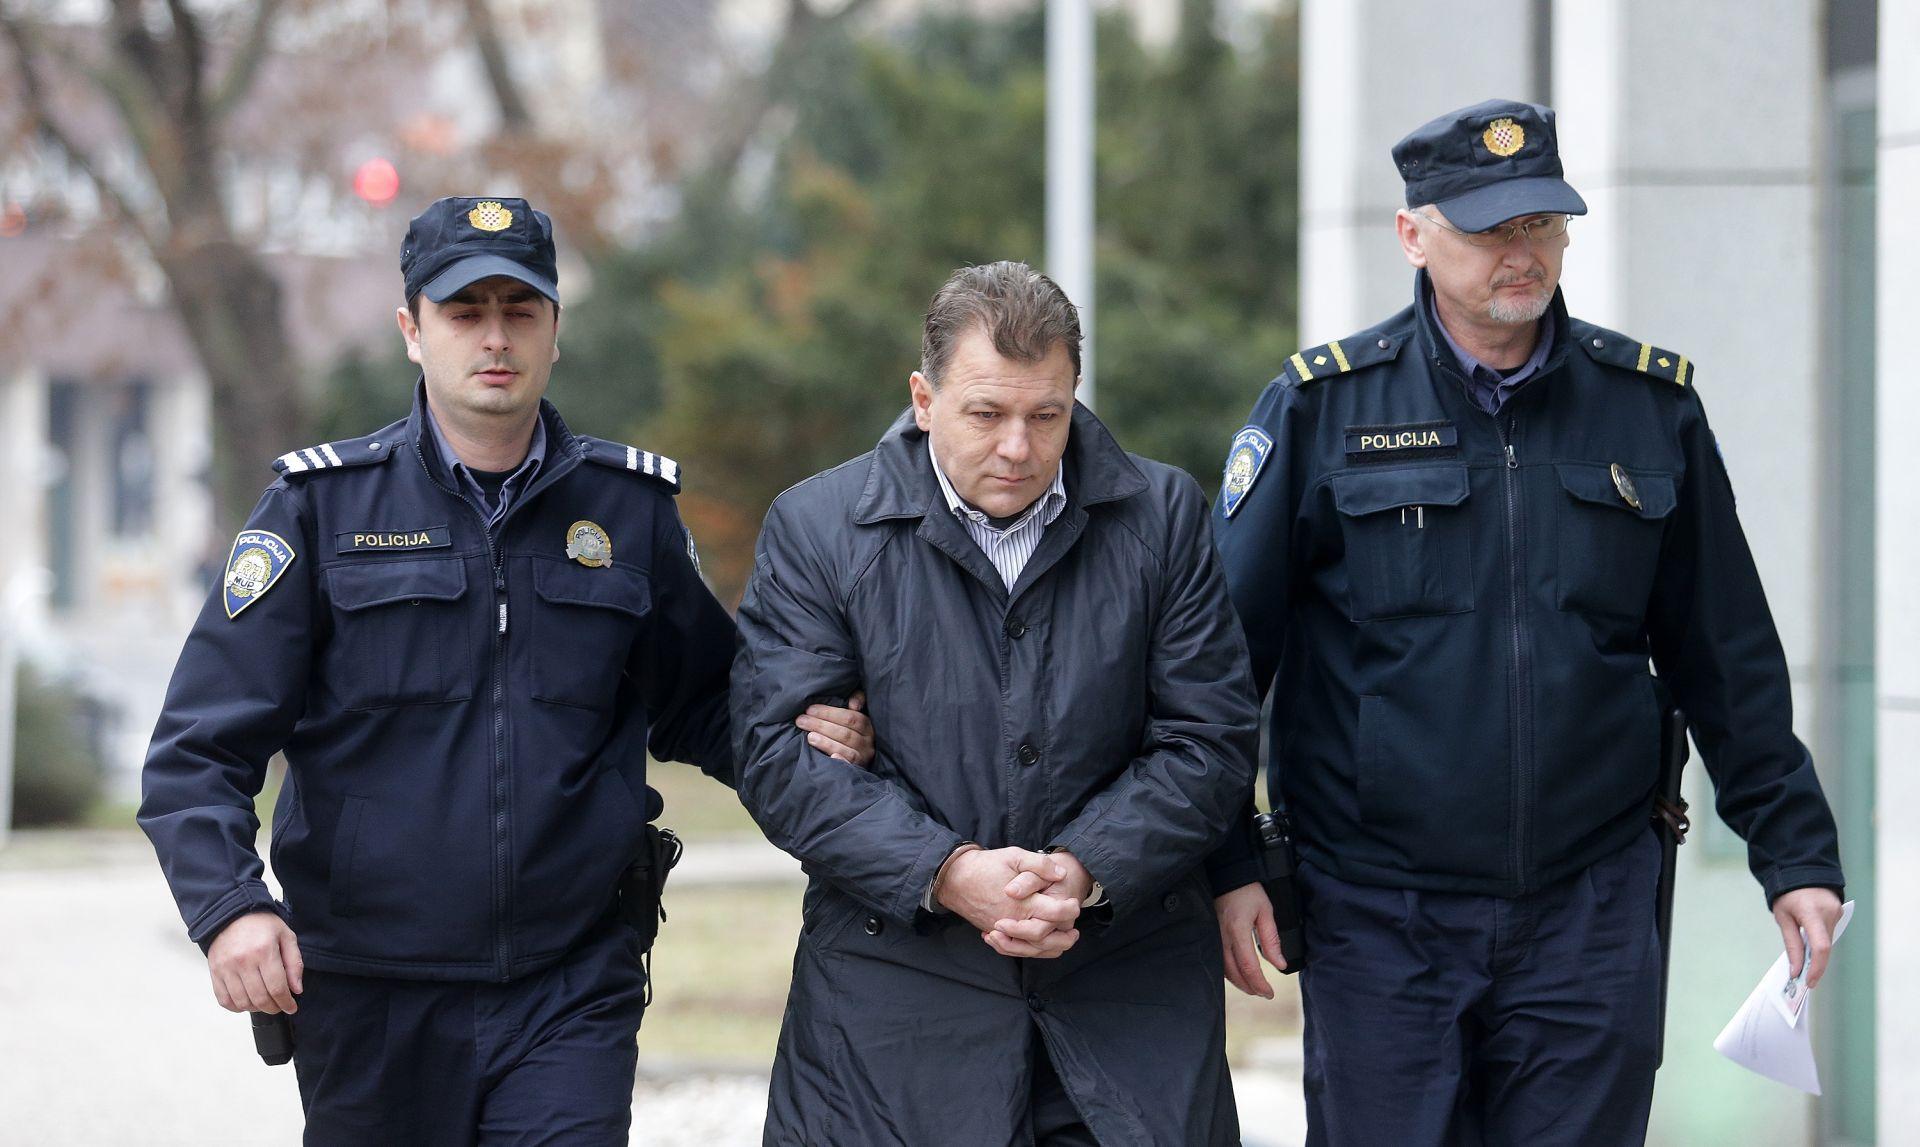 DRŽAVNO ODVJETNIŠTVO Optužnica protiv Željka Žužića za utaju 47,6 milijuna kuna poreza